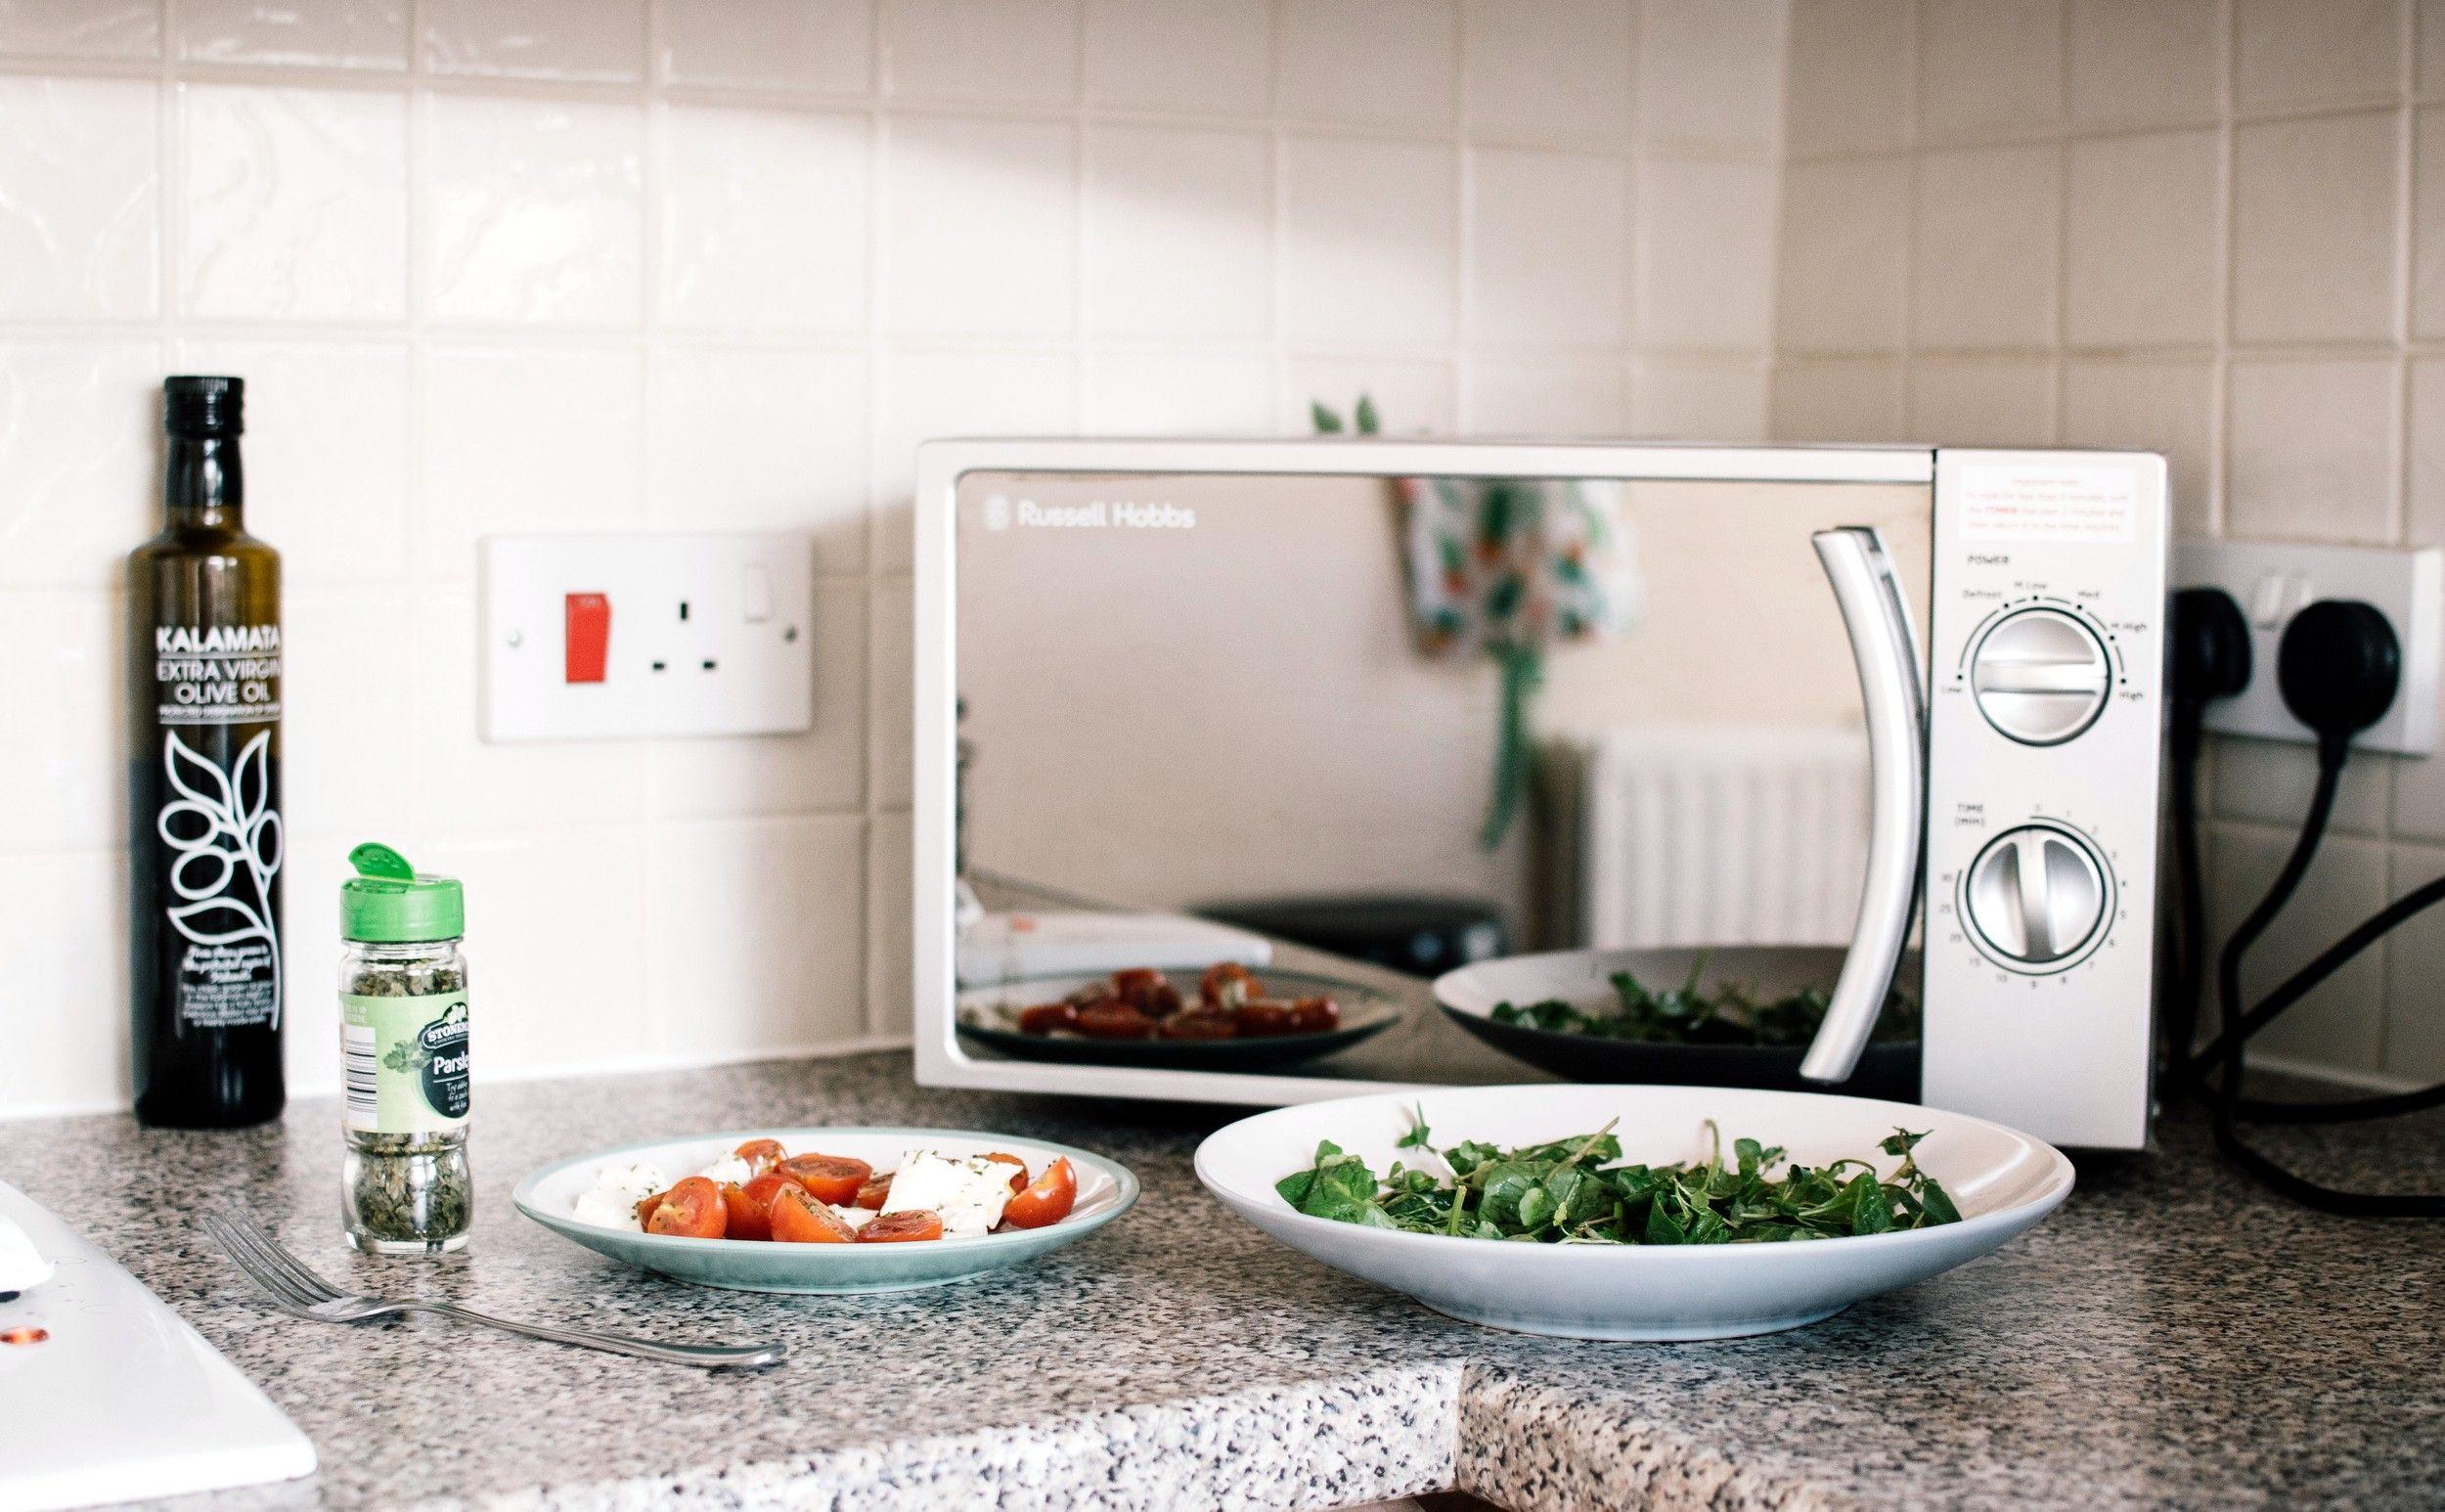 Cómo elegir el mejor microondas y la mejor picadora para la cocina, según hornomicroondas.com.es